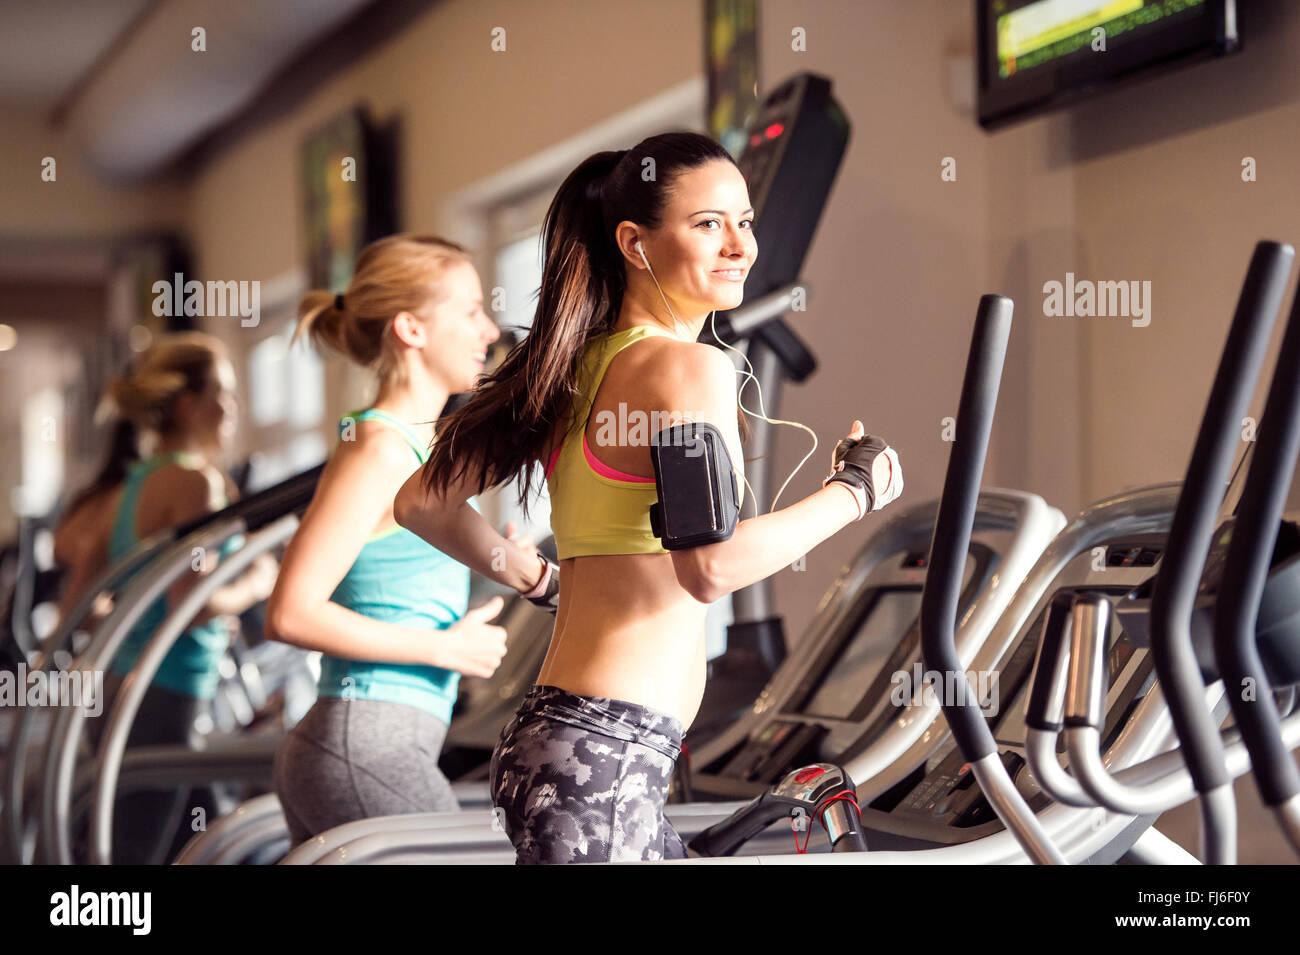 Colocar dos mujeres corriendo en cintas de correr en el gimnasio moderno Imagen De Stock